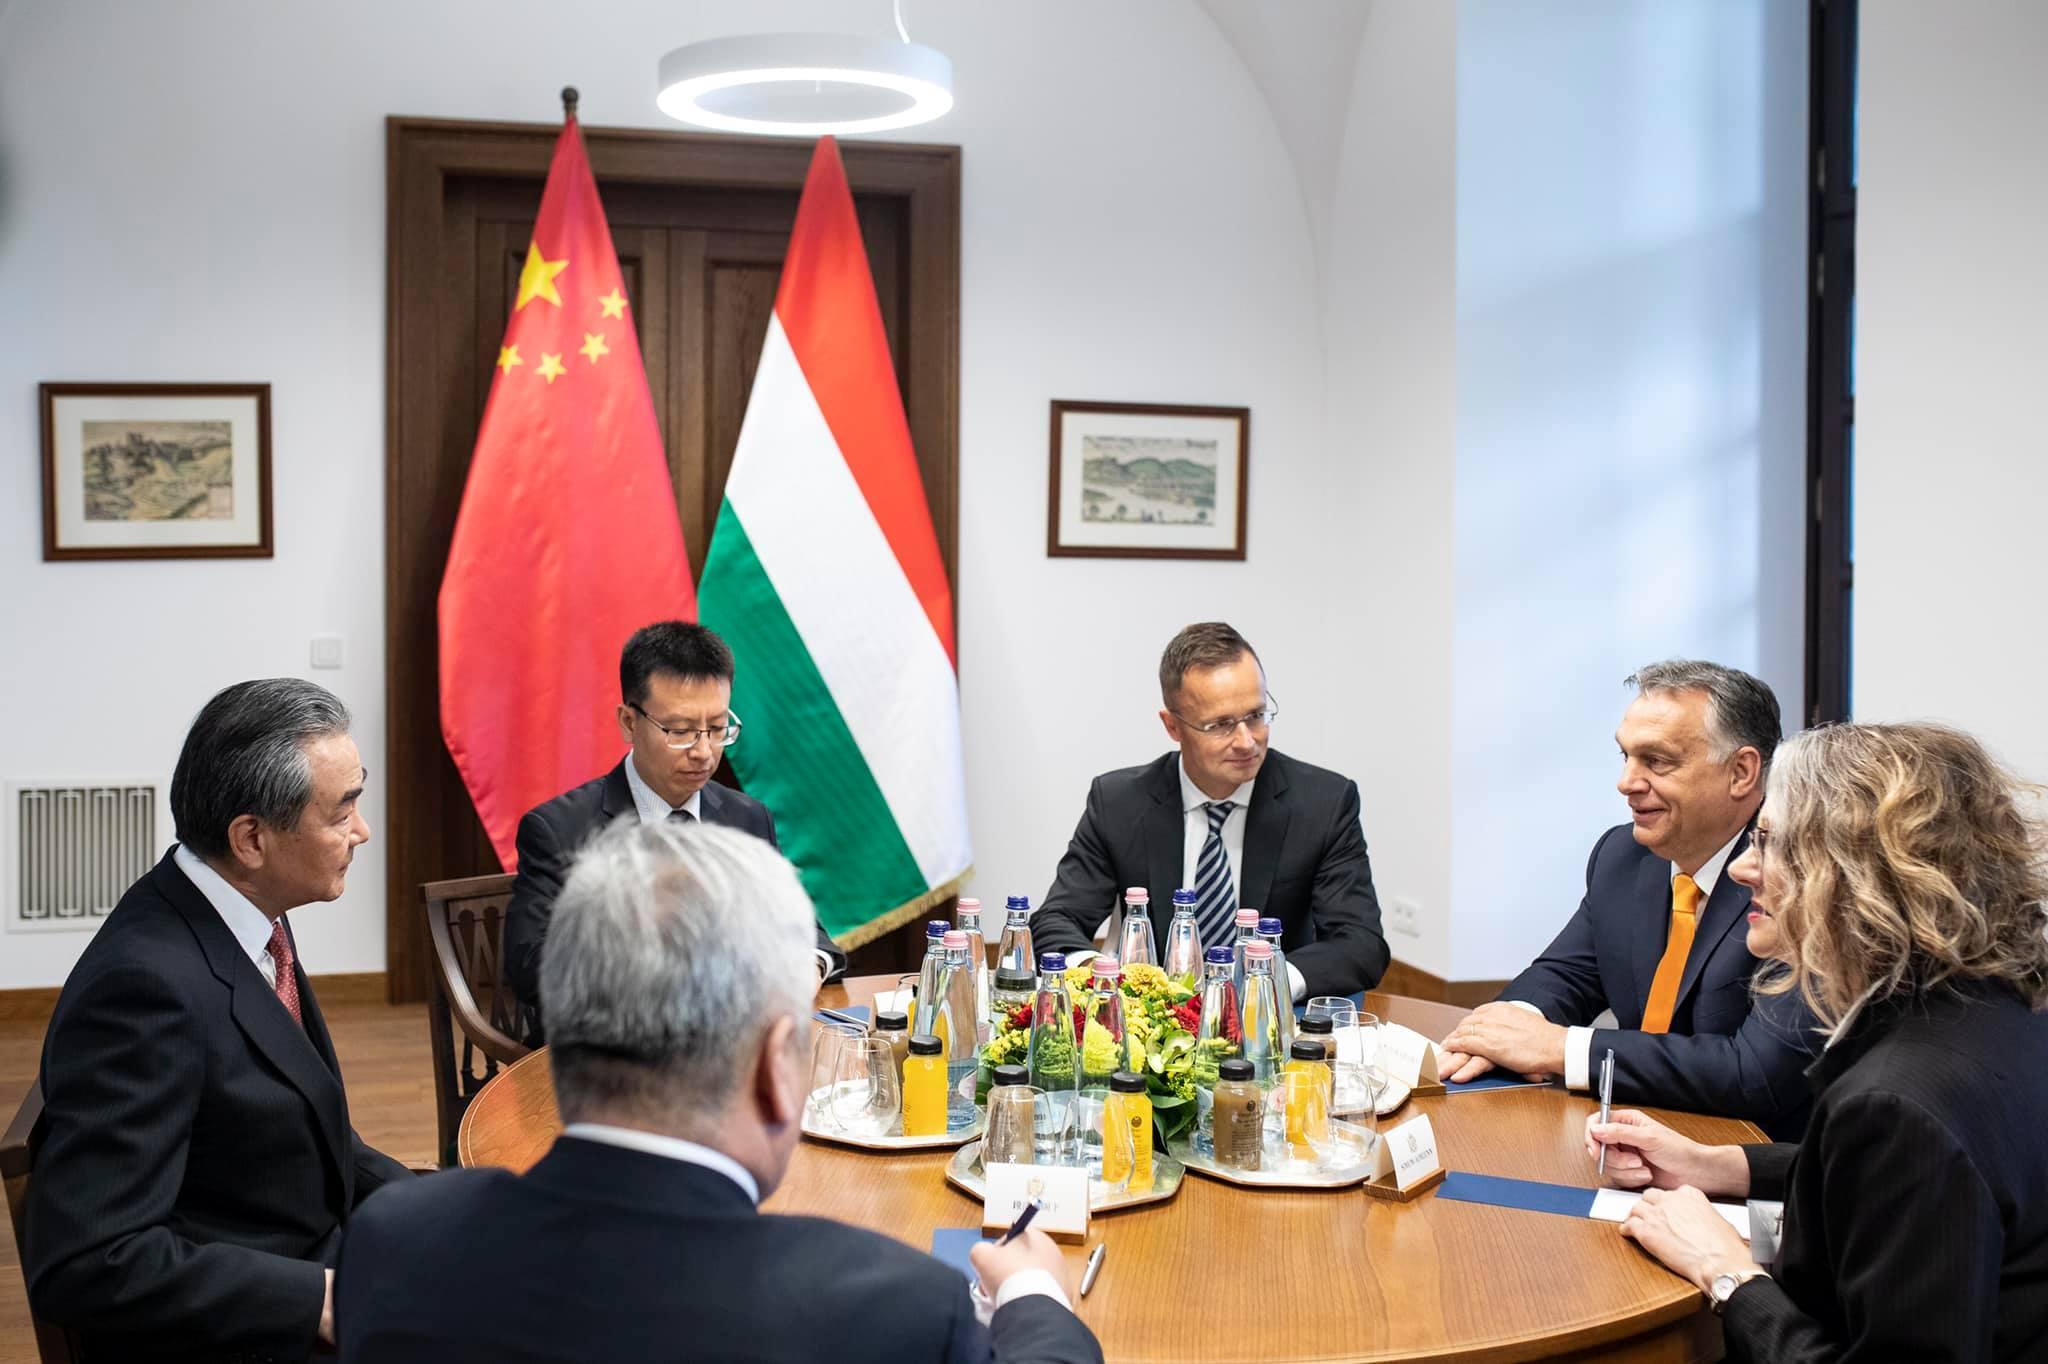 Orbán: Sohasem lehet tudni, mire jó egy barátság